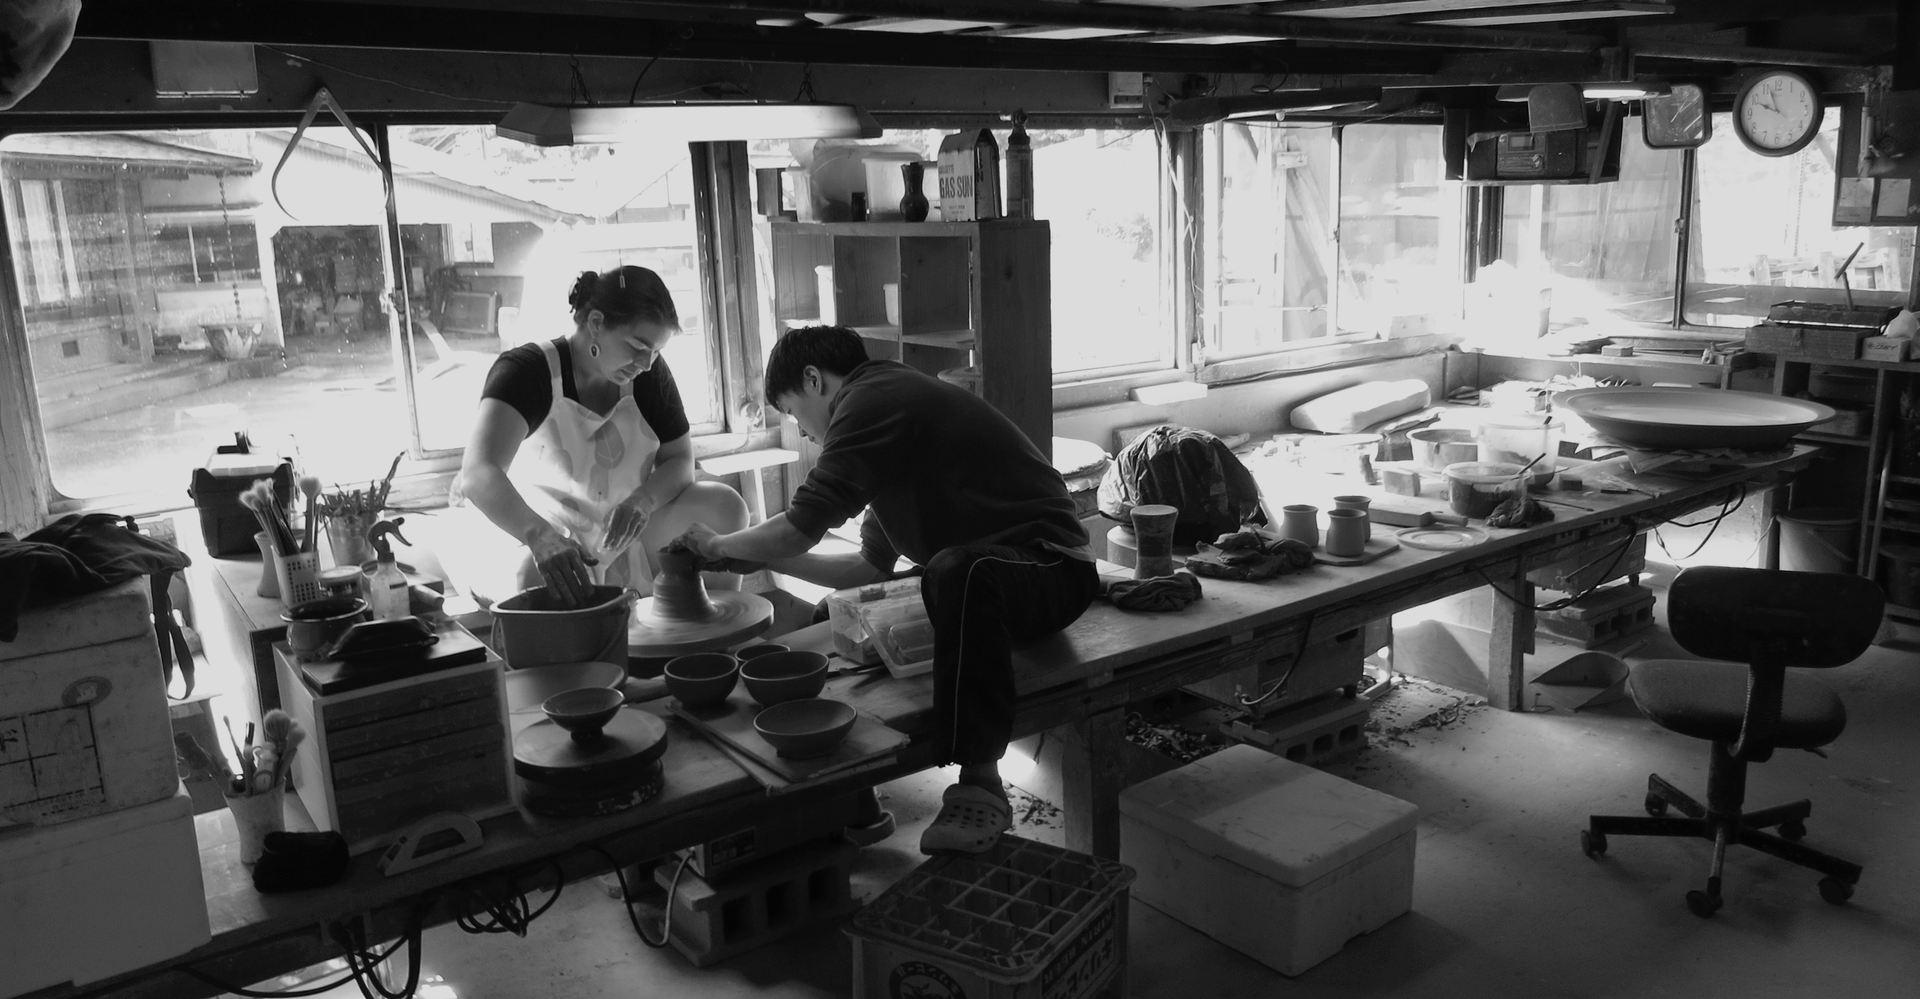 Workshop at Koishiwara